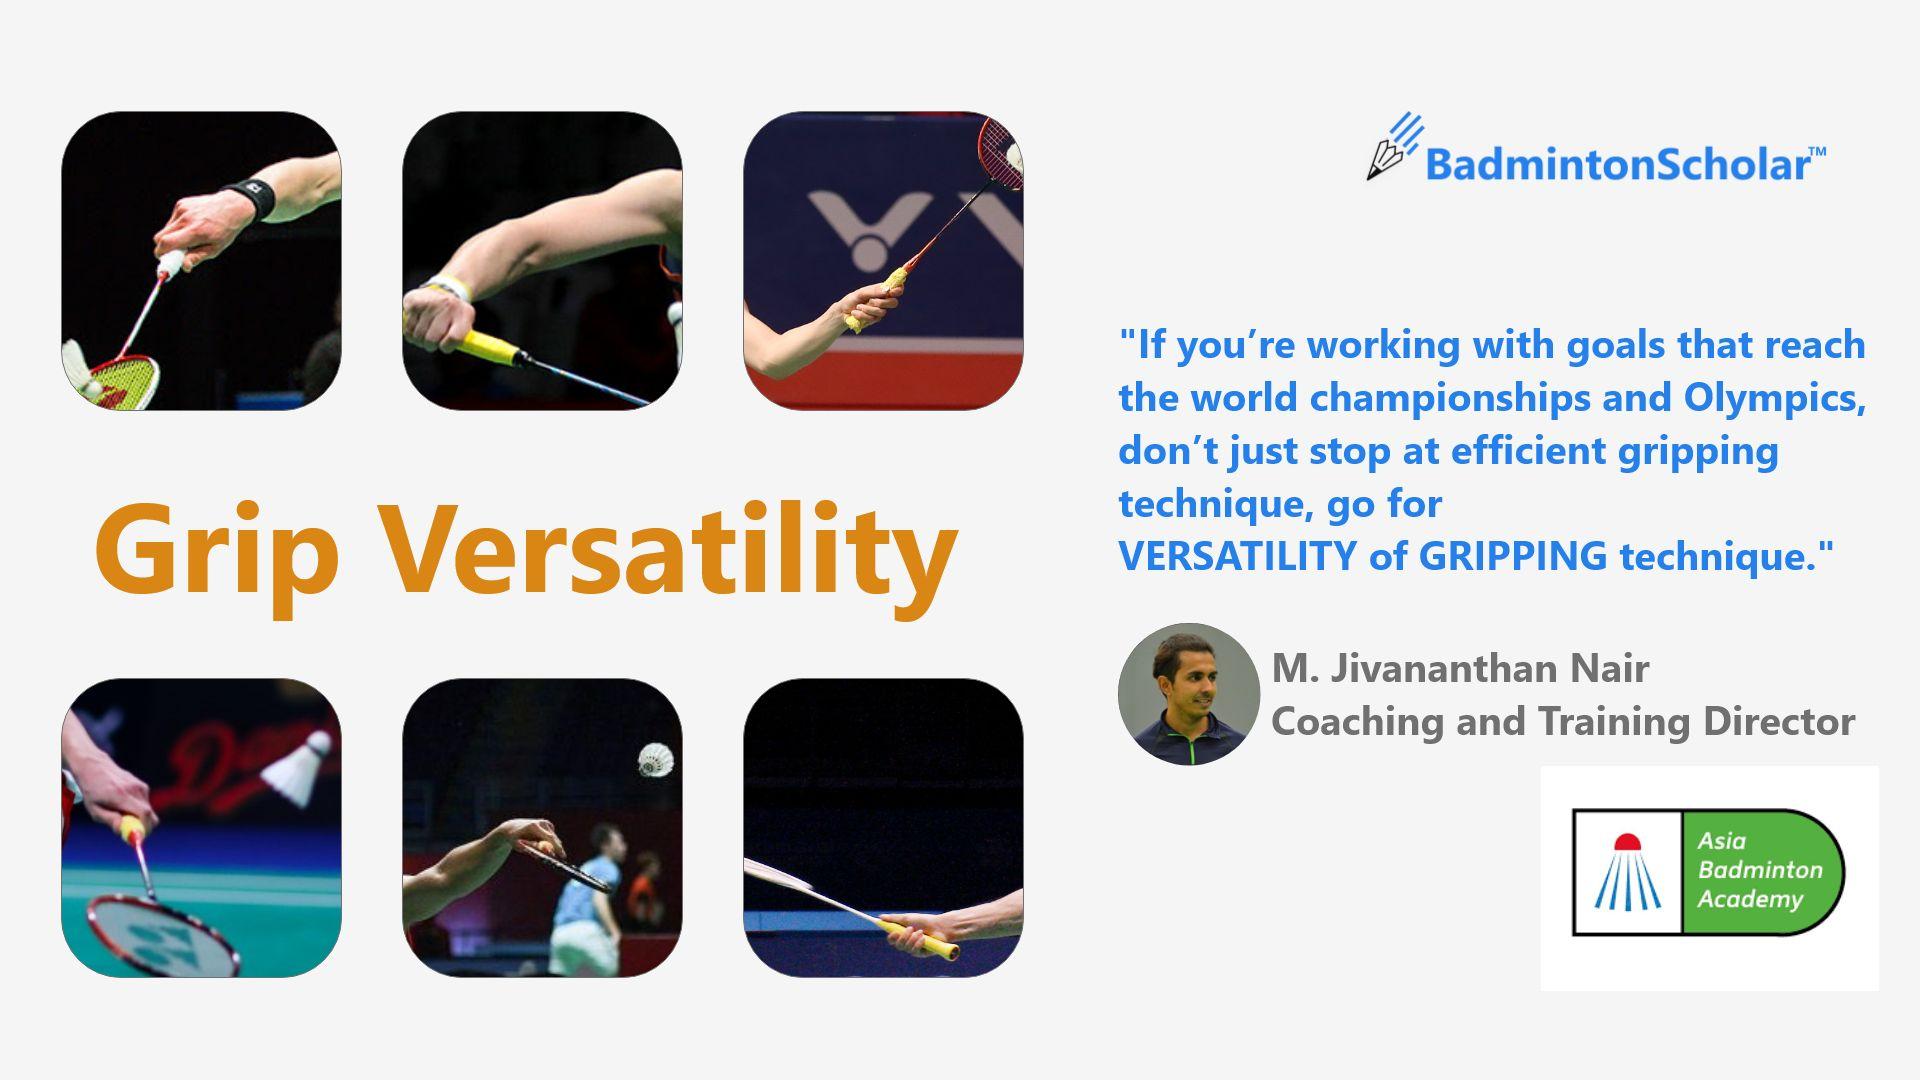 Grip Versatility